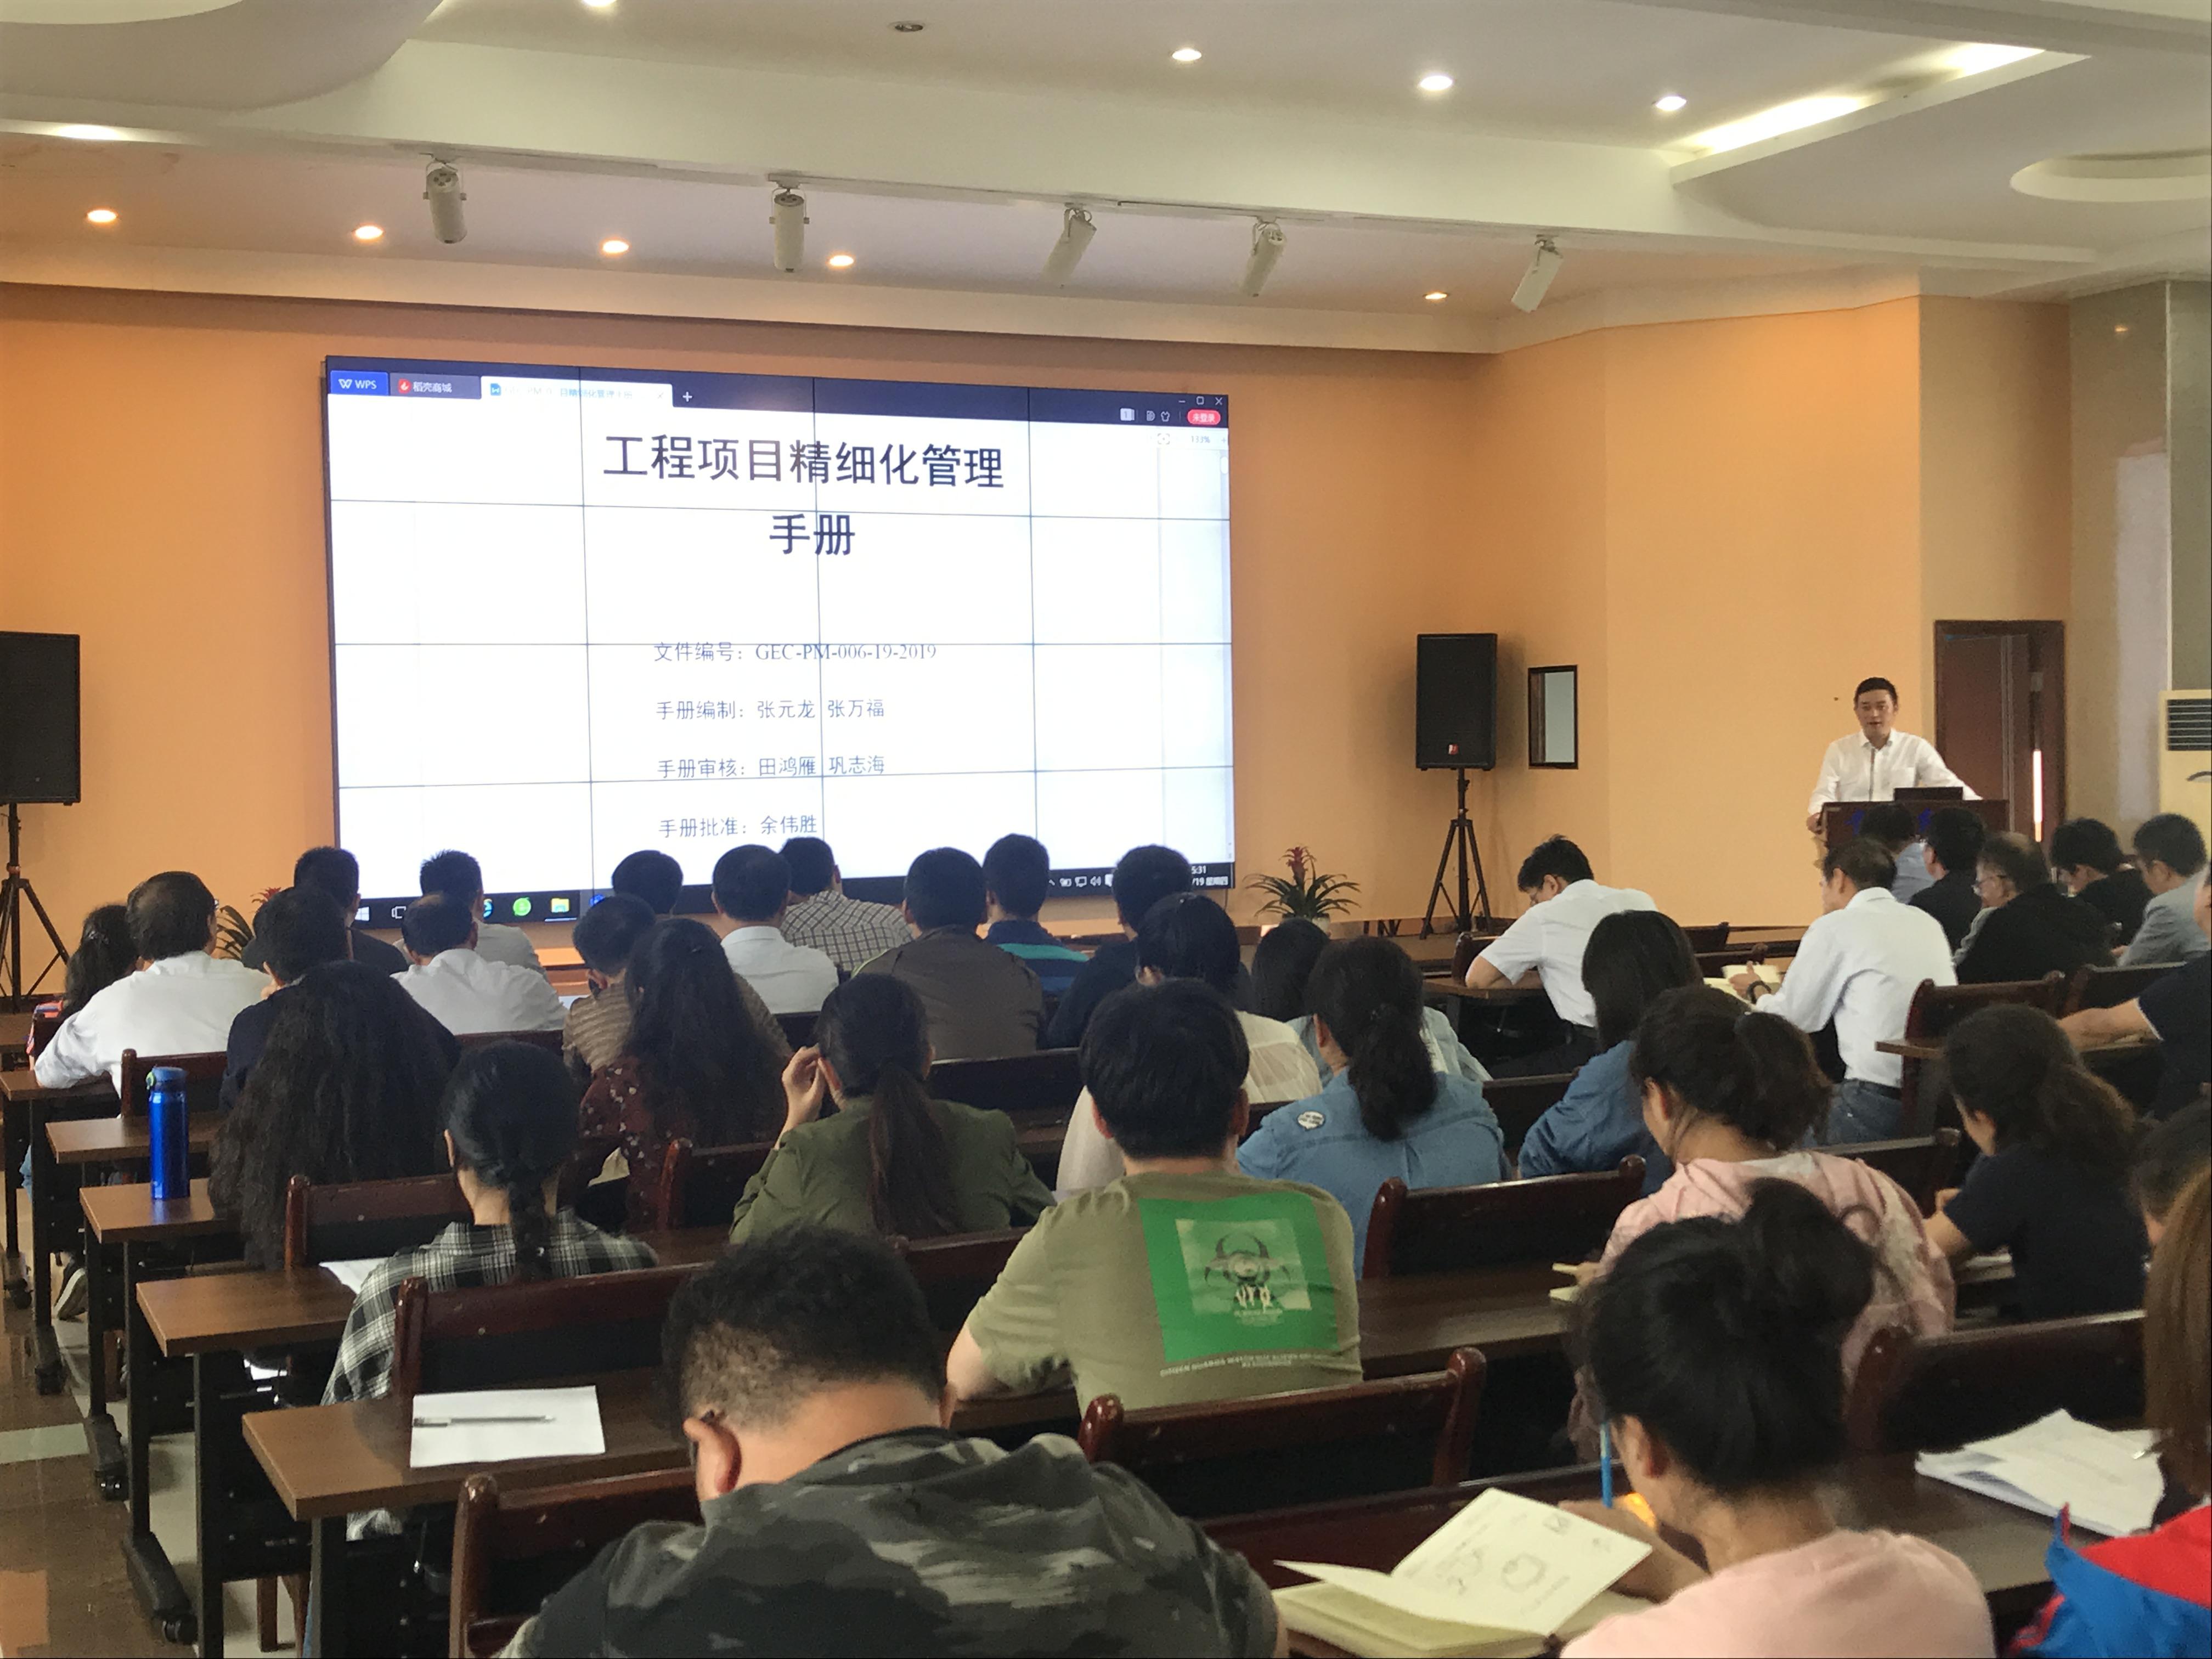 公司举行《工程总承包项目精细化管理手册》培训